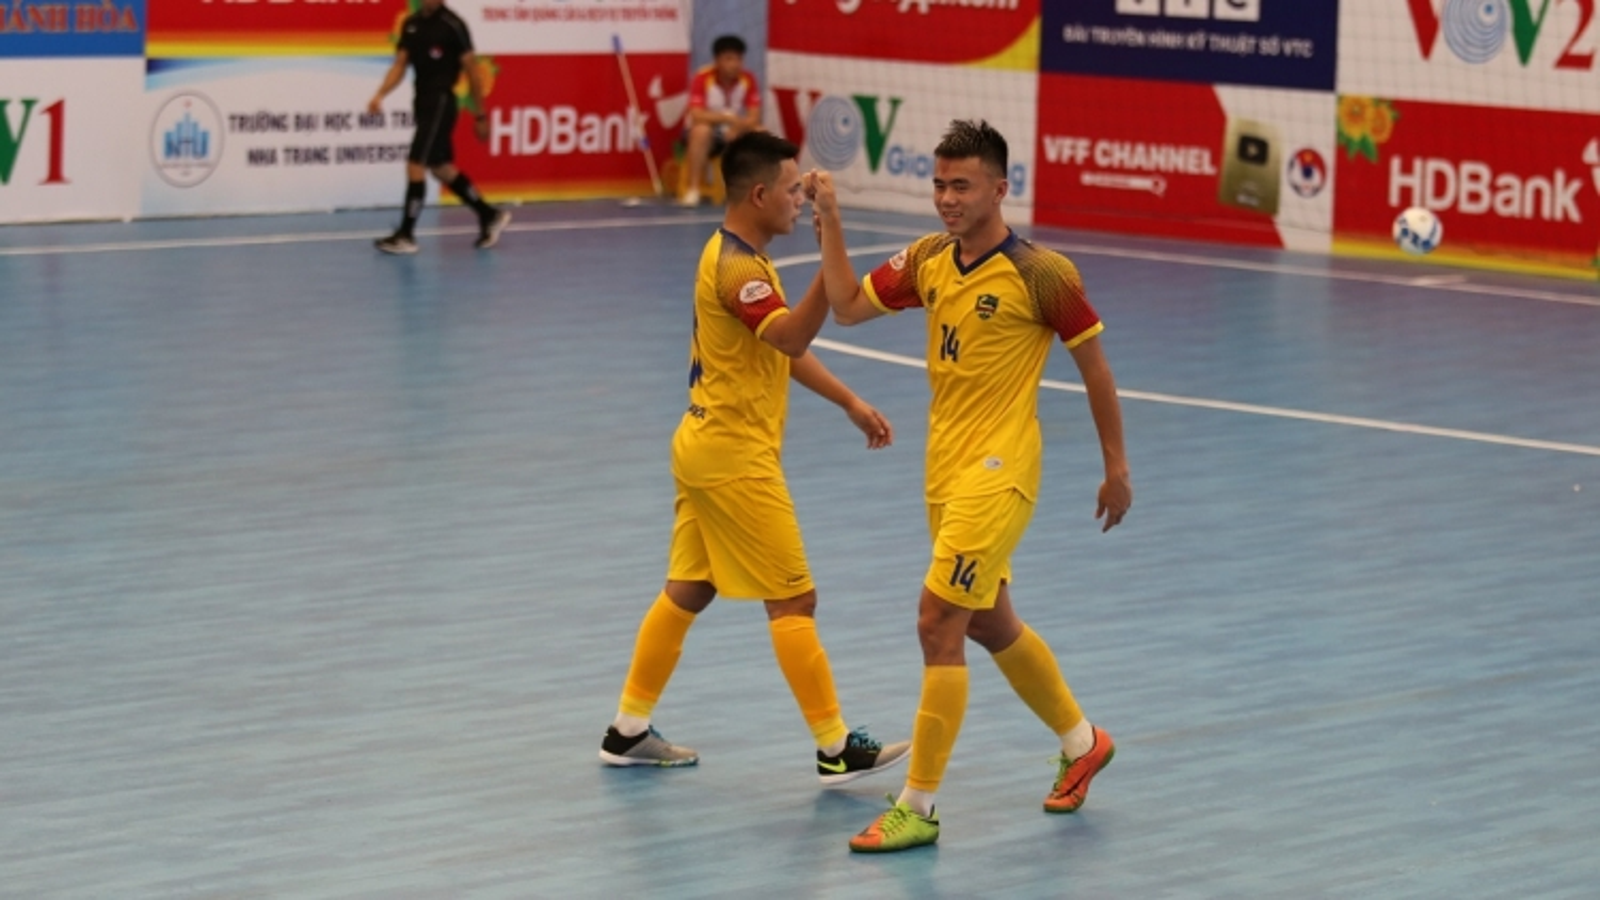 Xem trực tiếp Futsal HDBank VĐQG 2020: Quảng Nam - Cao Bằng